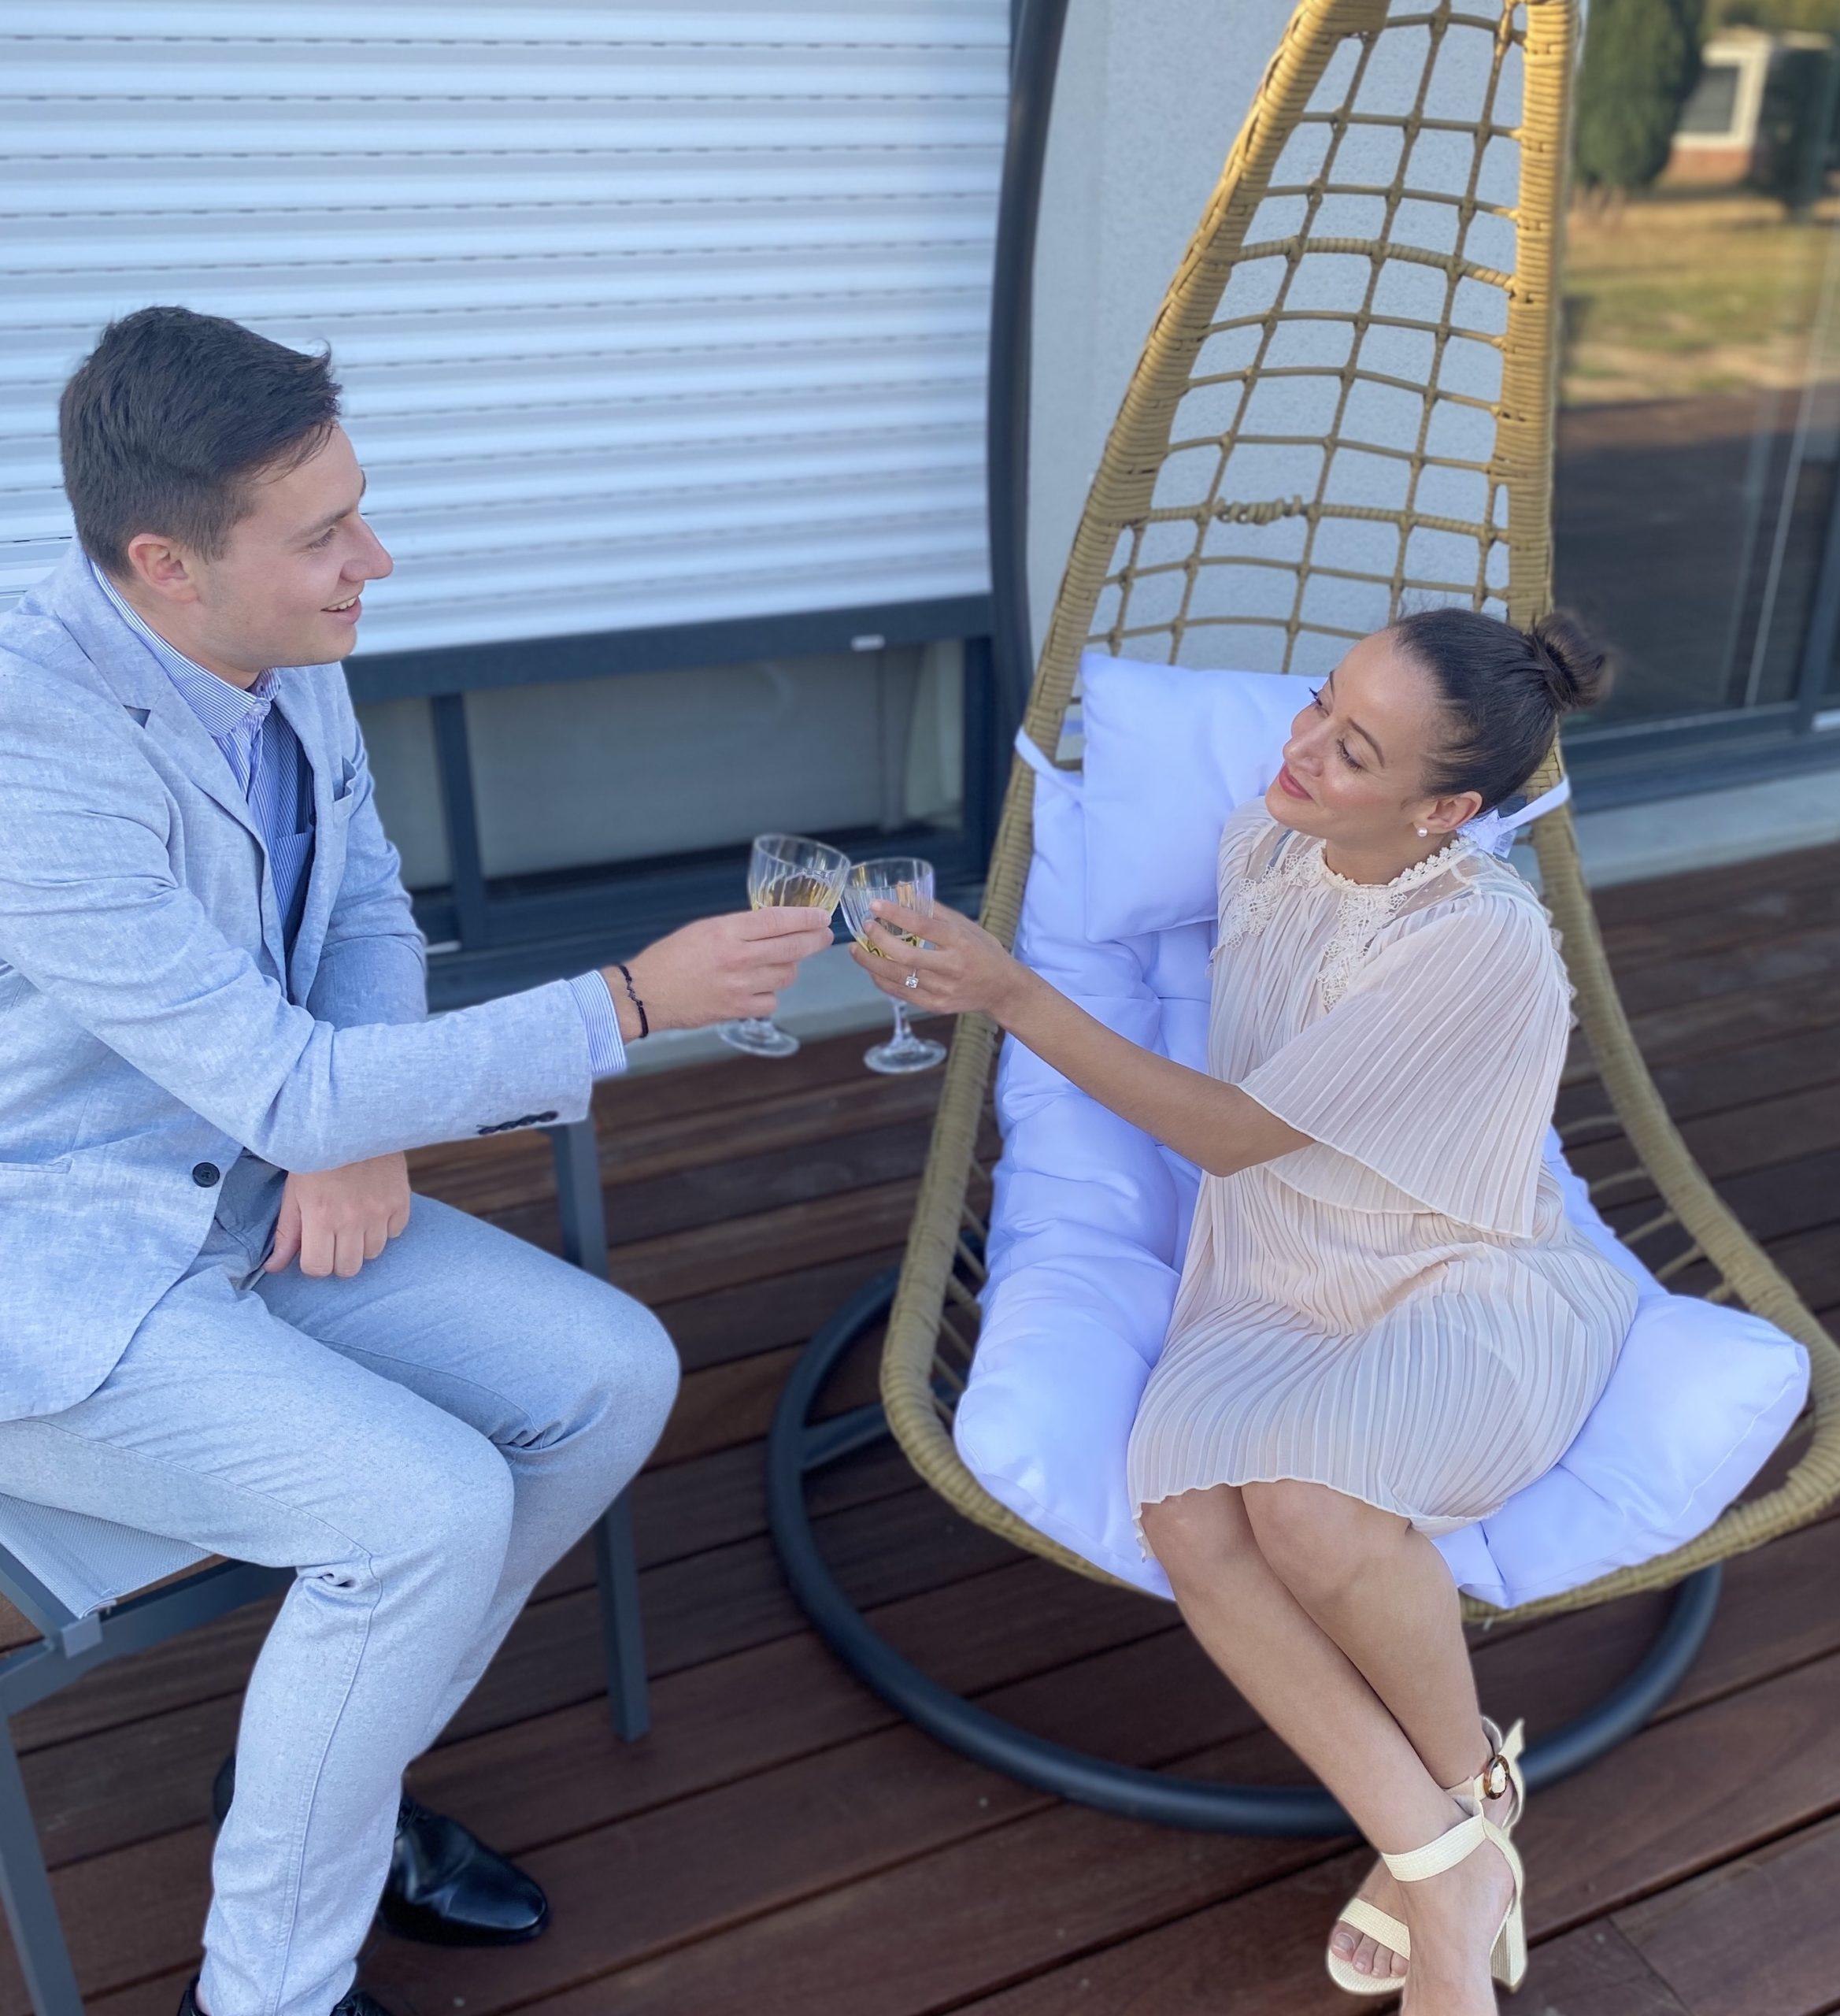 Deux amis qui trinquent assis sur une terrasse - C&D Events Wedding planner Oise et Paris